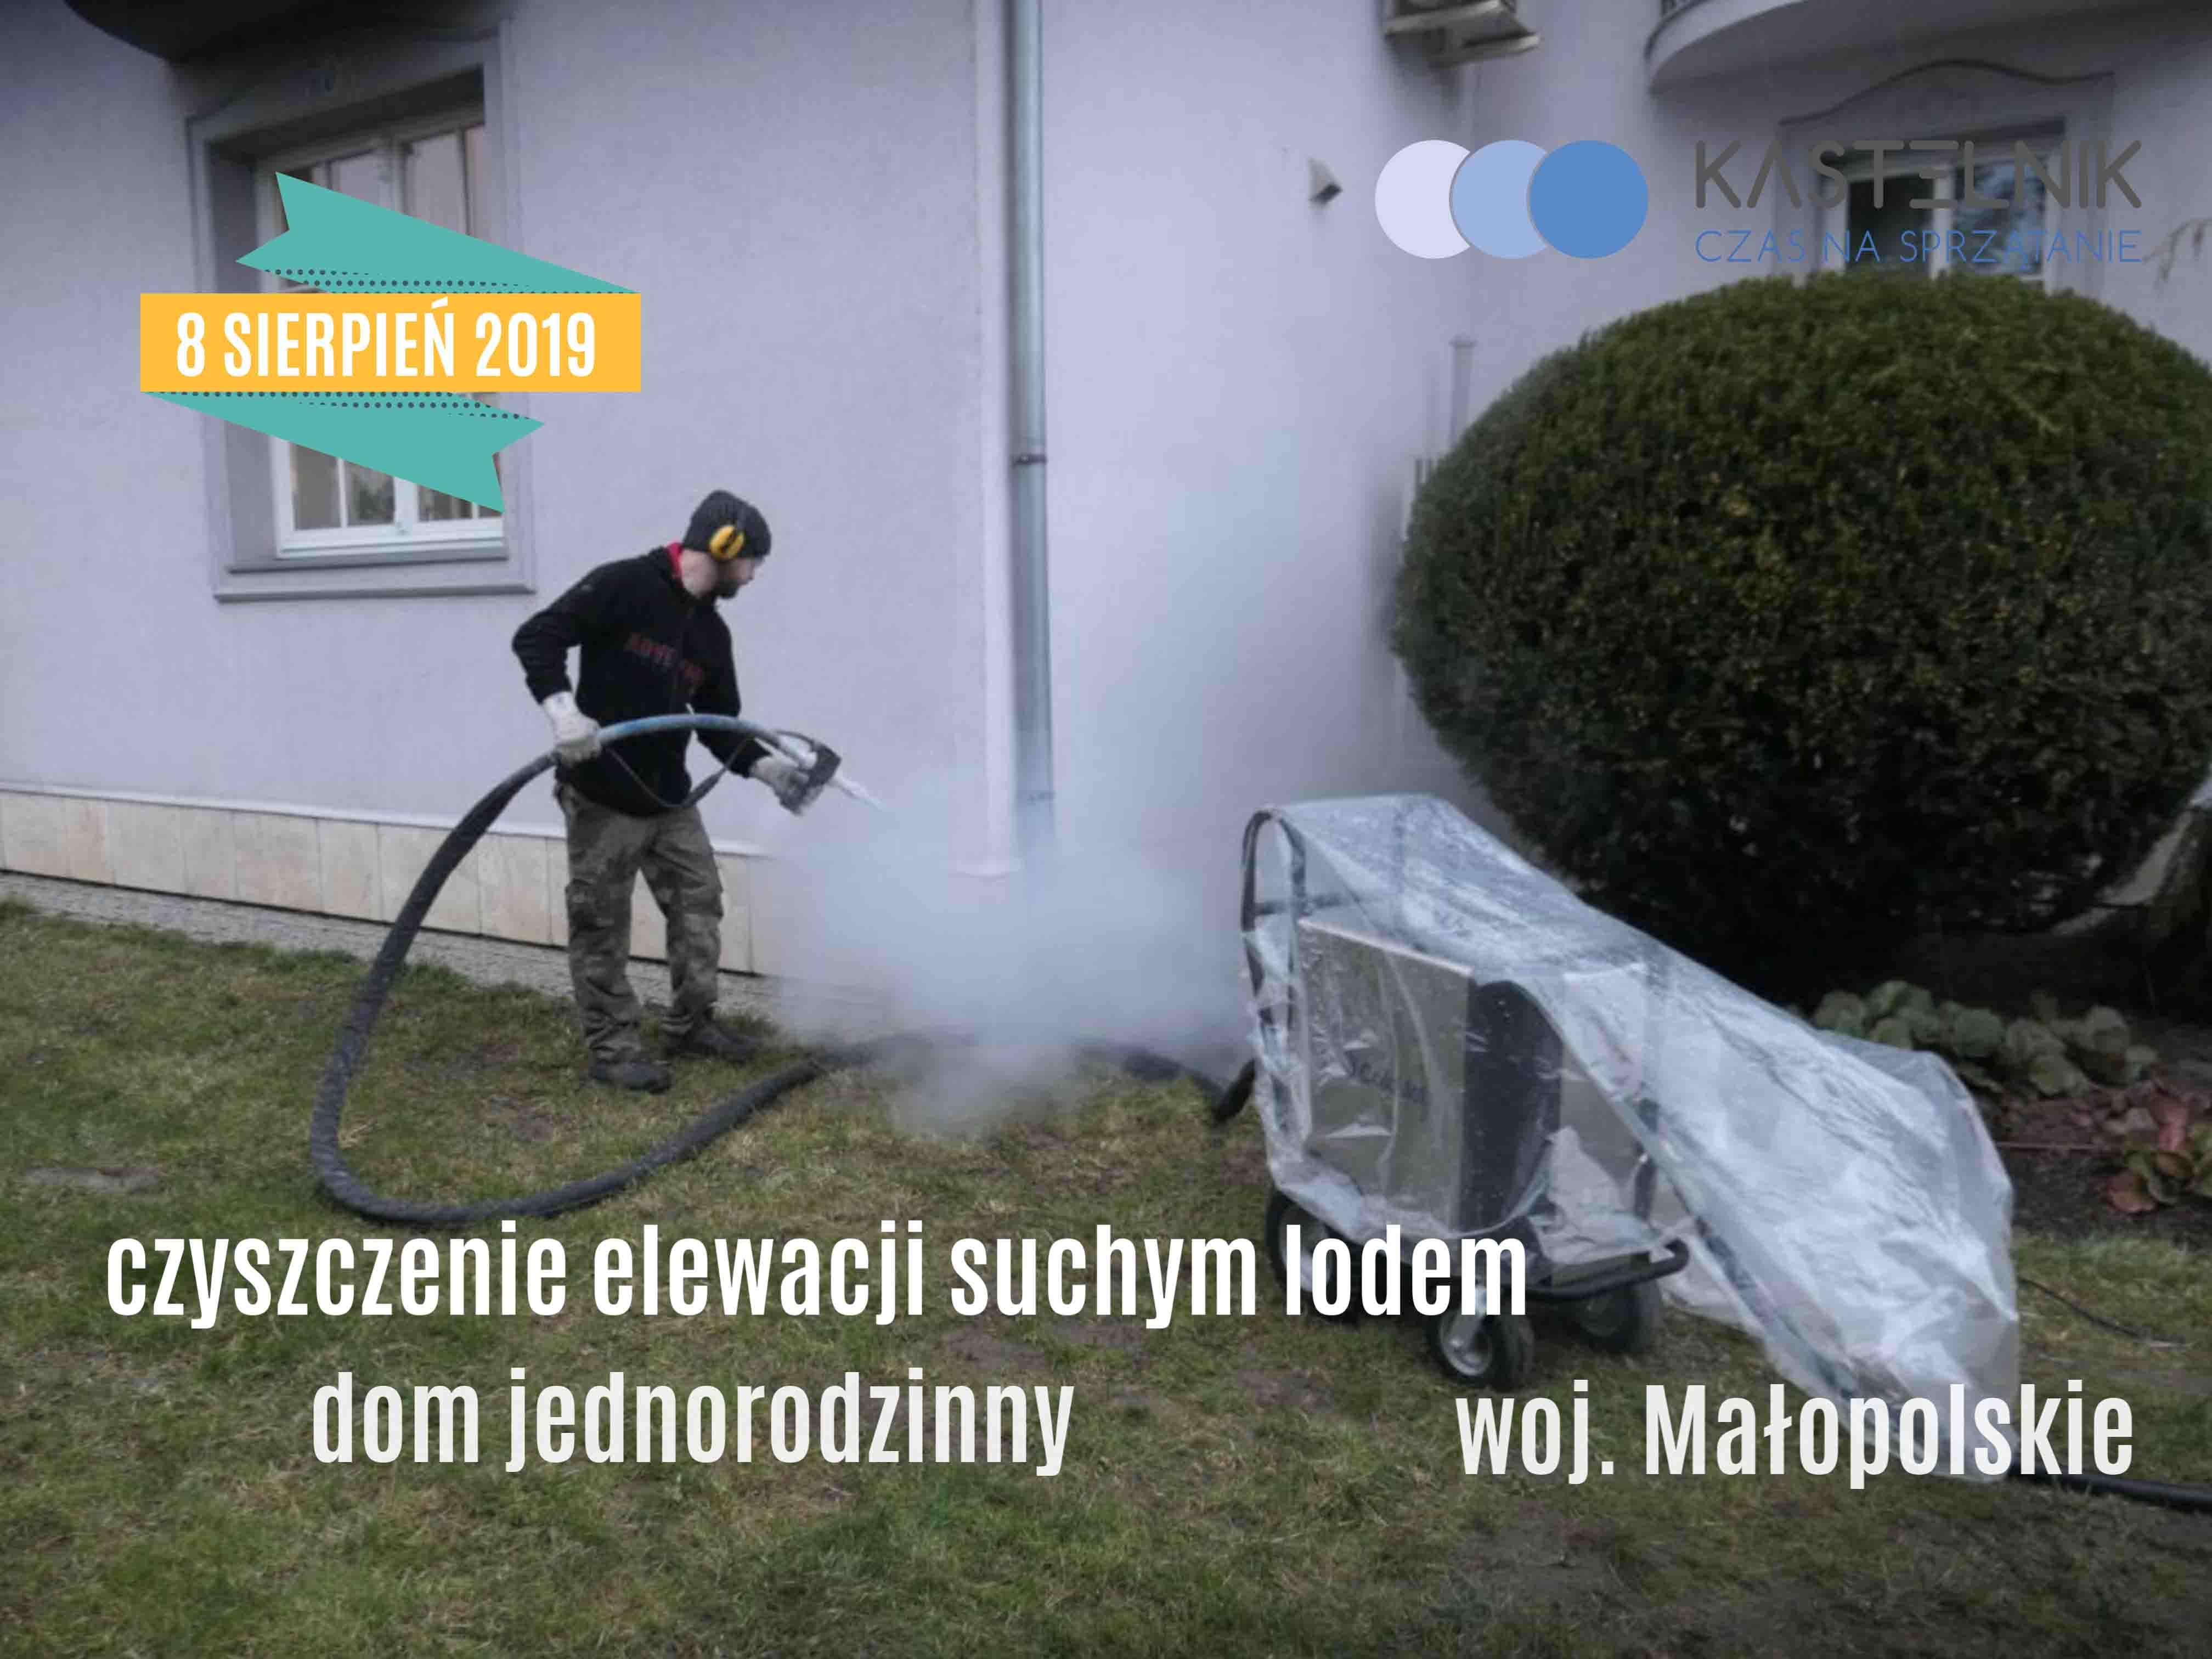 Czyszczenie elewacji domu jednorodzinnego suchym lodem Kraków